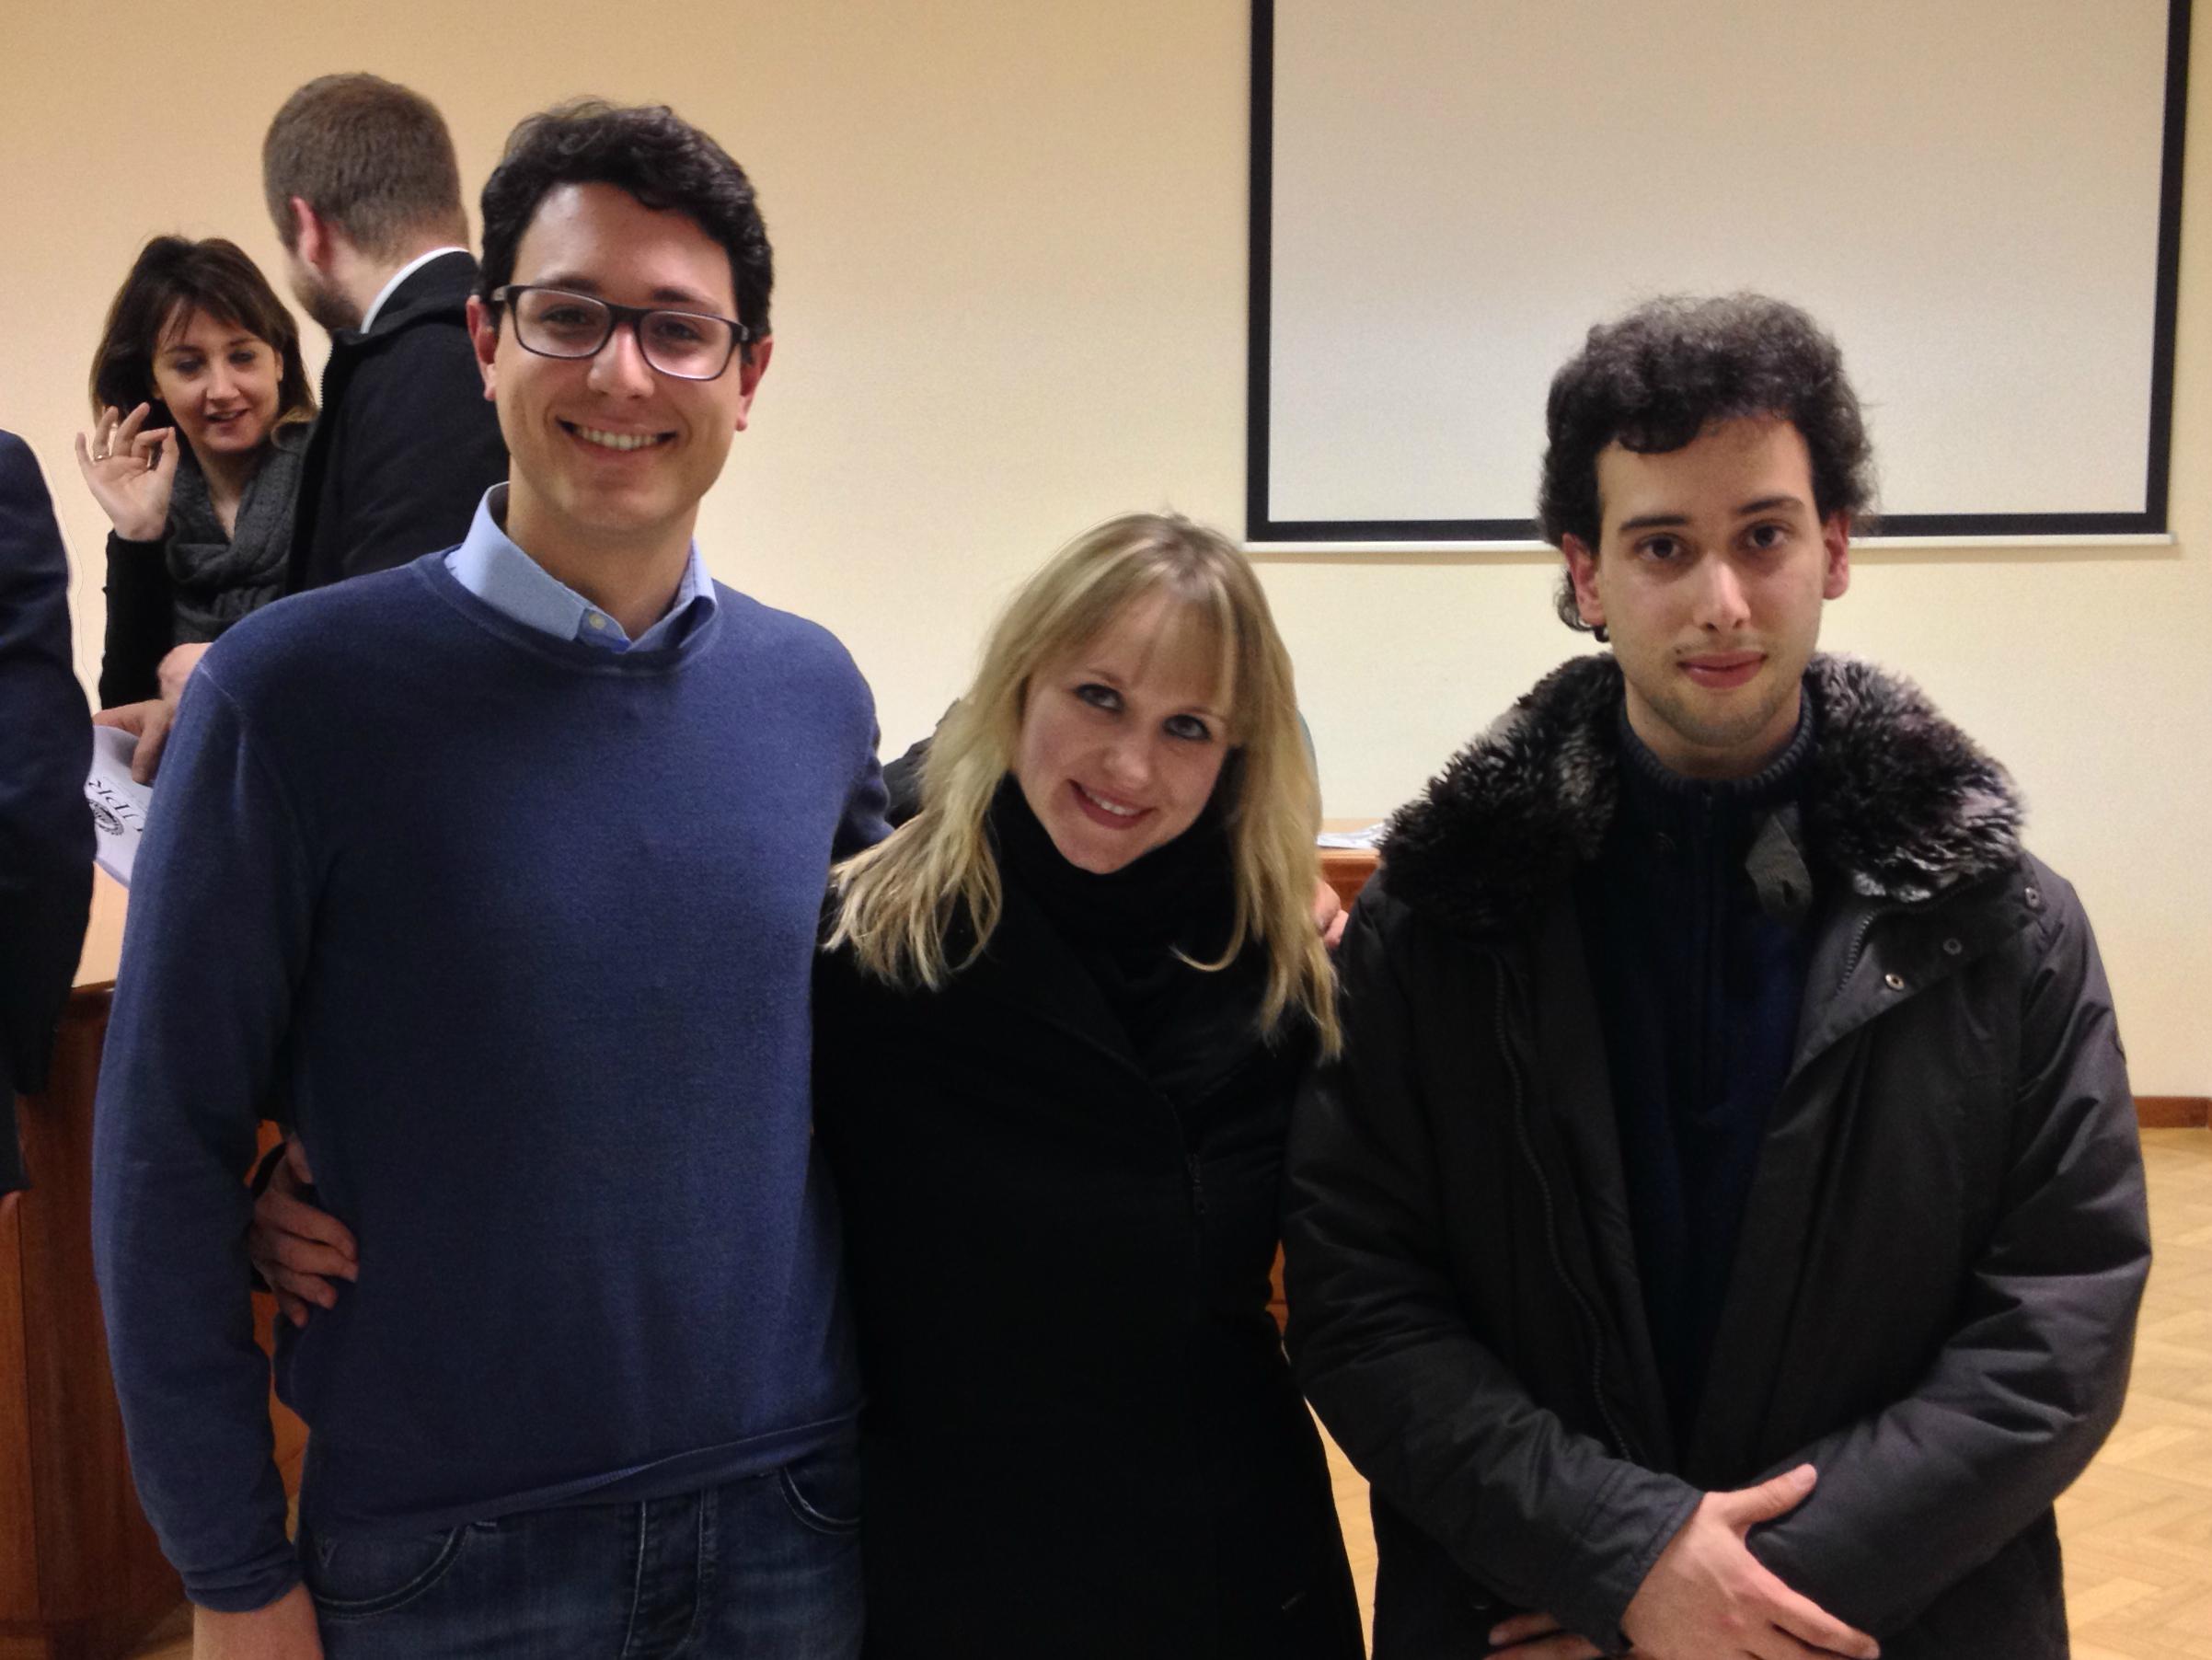 Direttivo precedente - Davide D'Orazio; Tetyana Bratishko; Florio Scifo hanno svolto il Servizio di Vice Delegato, Delegata e Segretario.